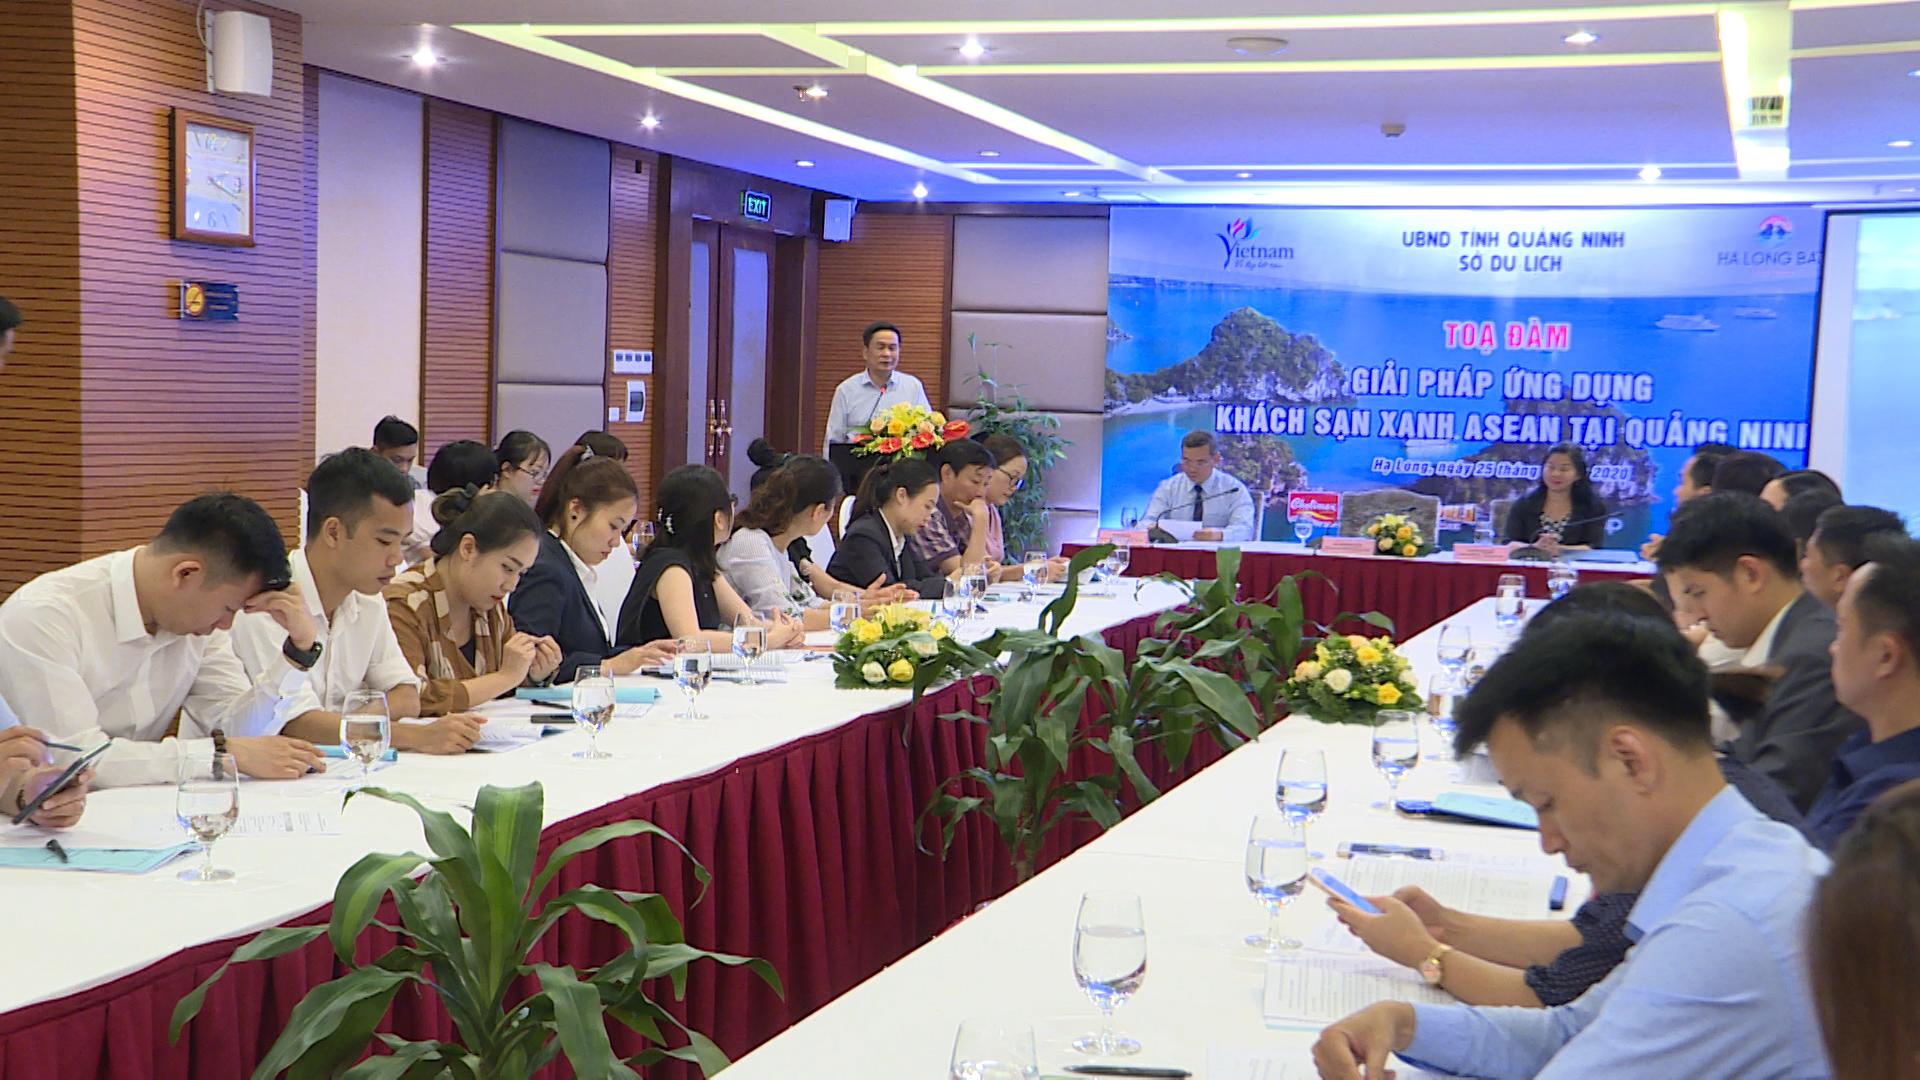 Toạ đàm giải pháp ứng dụng khách sạn xanh ASEAN tại Quảng Ninh